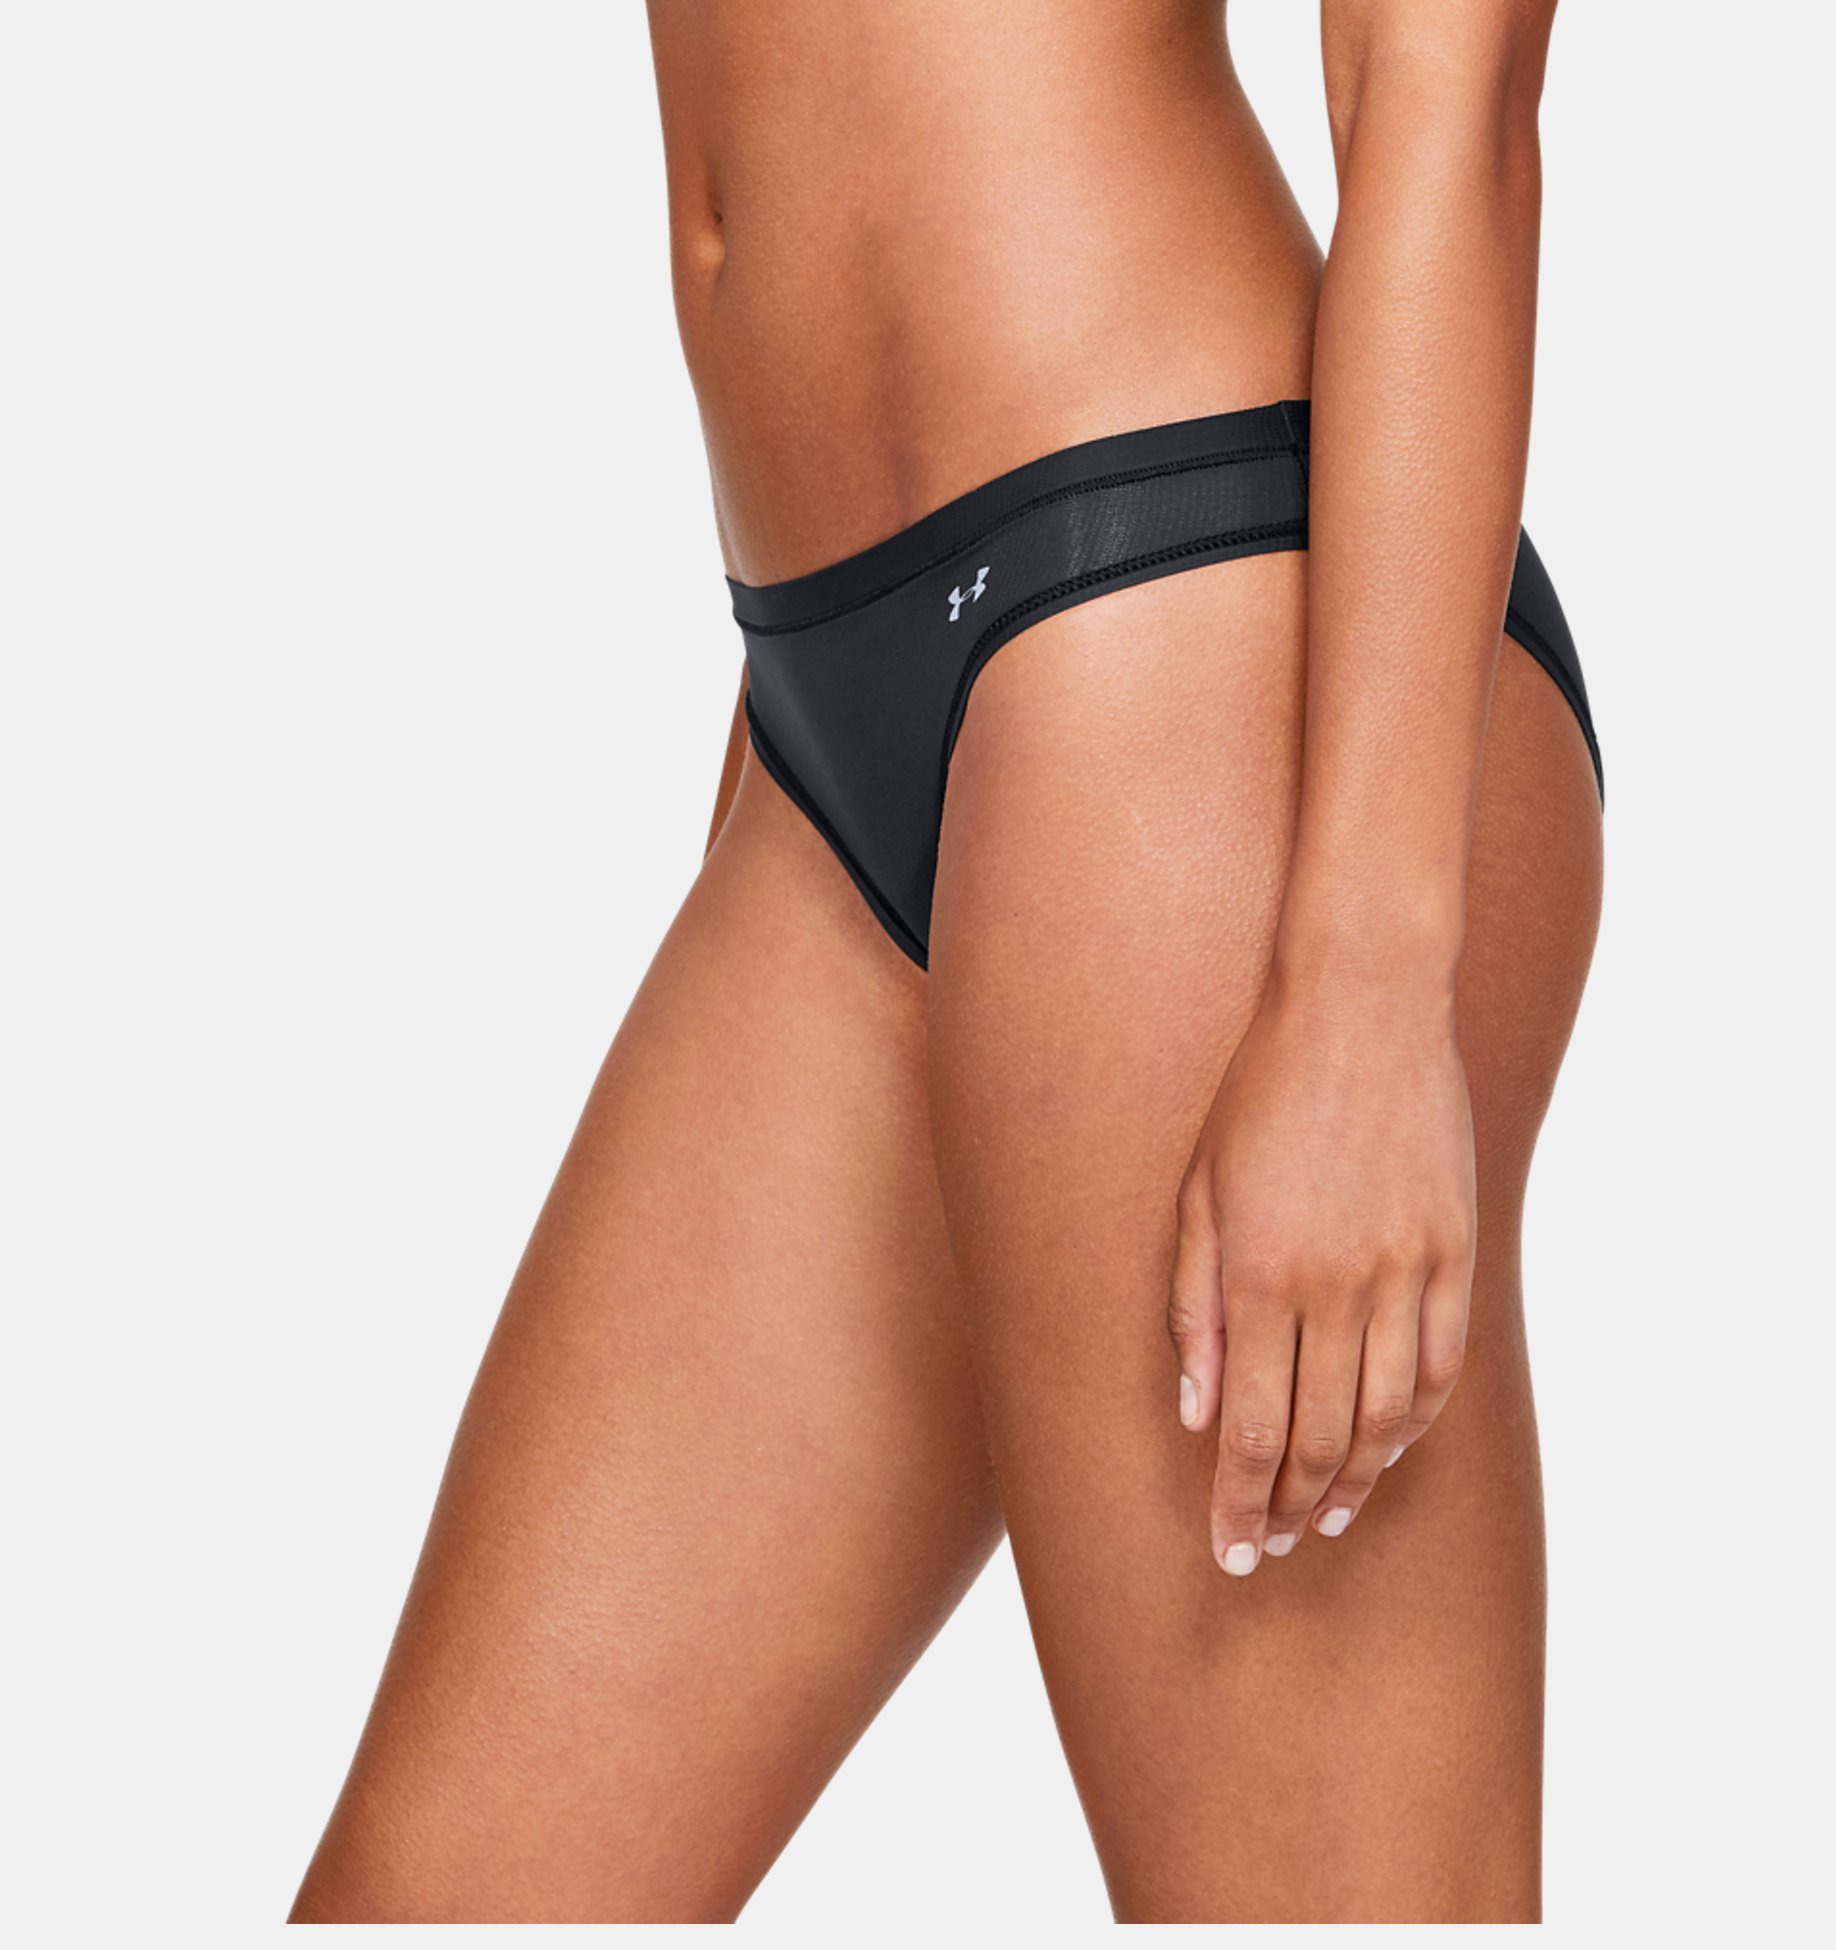 c47758f87 Calcinha UA Pure Stretch Sheer Bikini Feminina   Under Armour BR